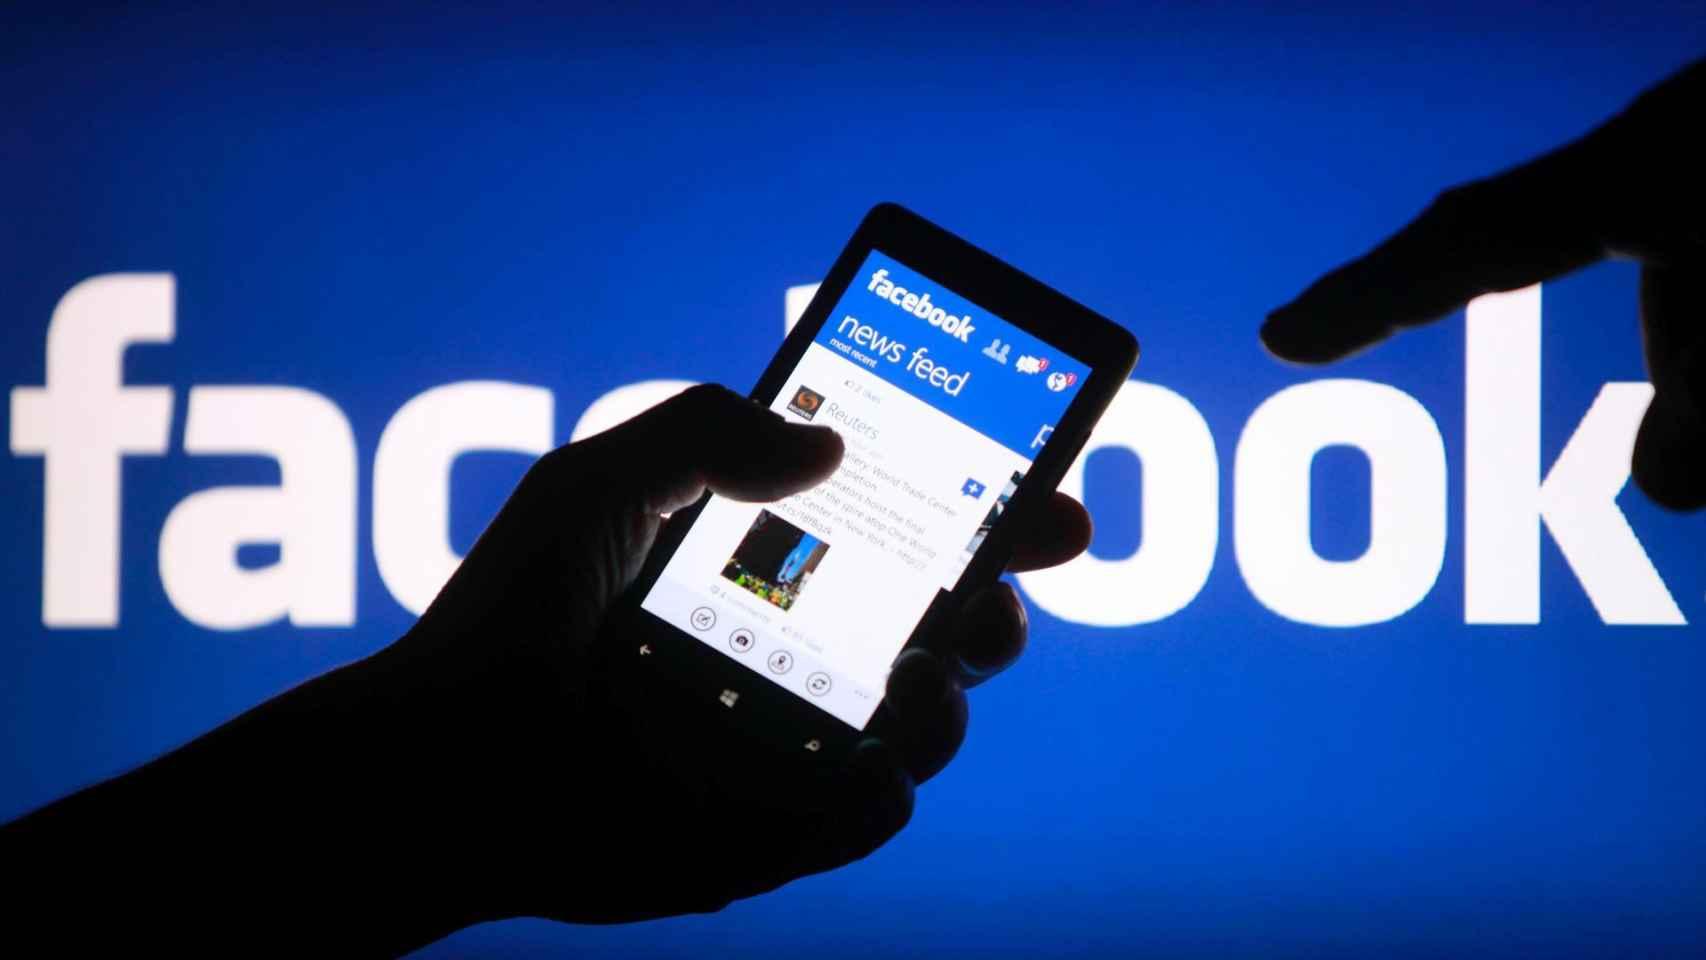 Móvil con un perfil abierto de Facebook, la red social más popular.